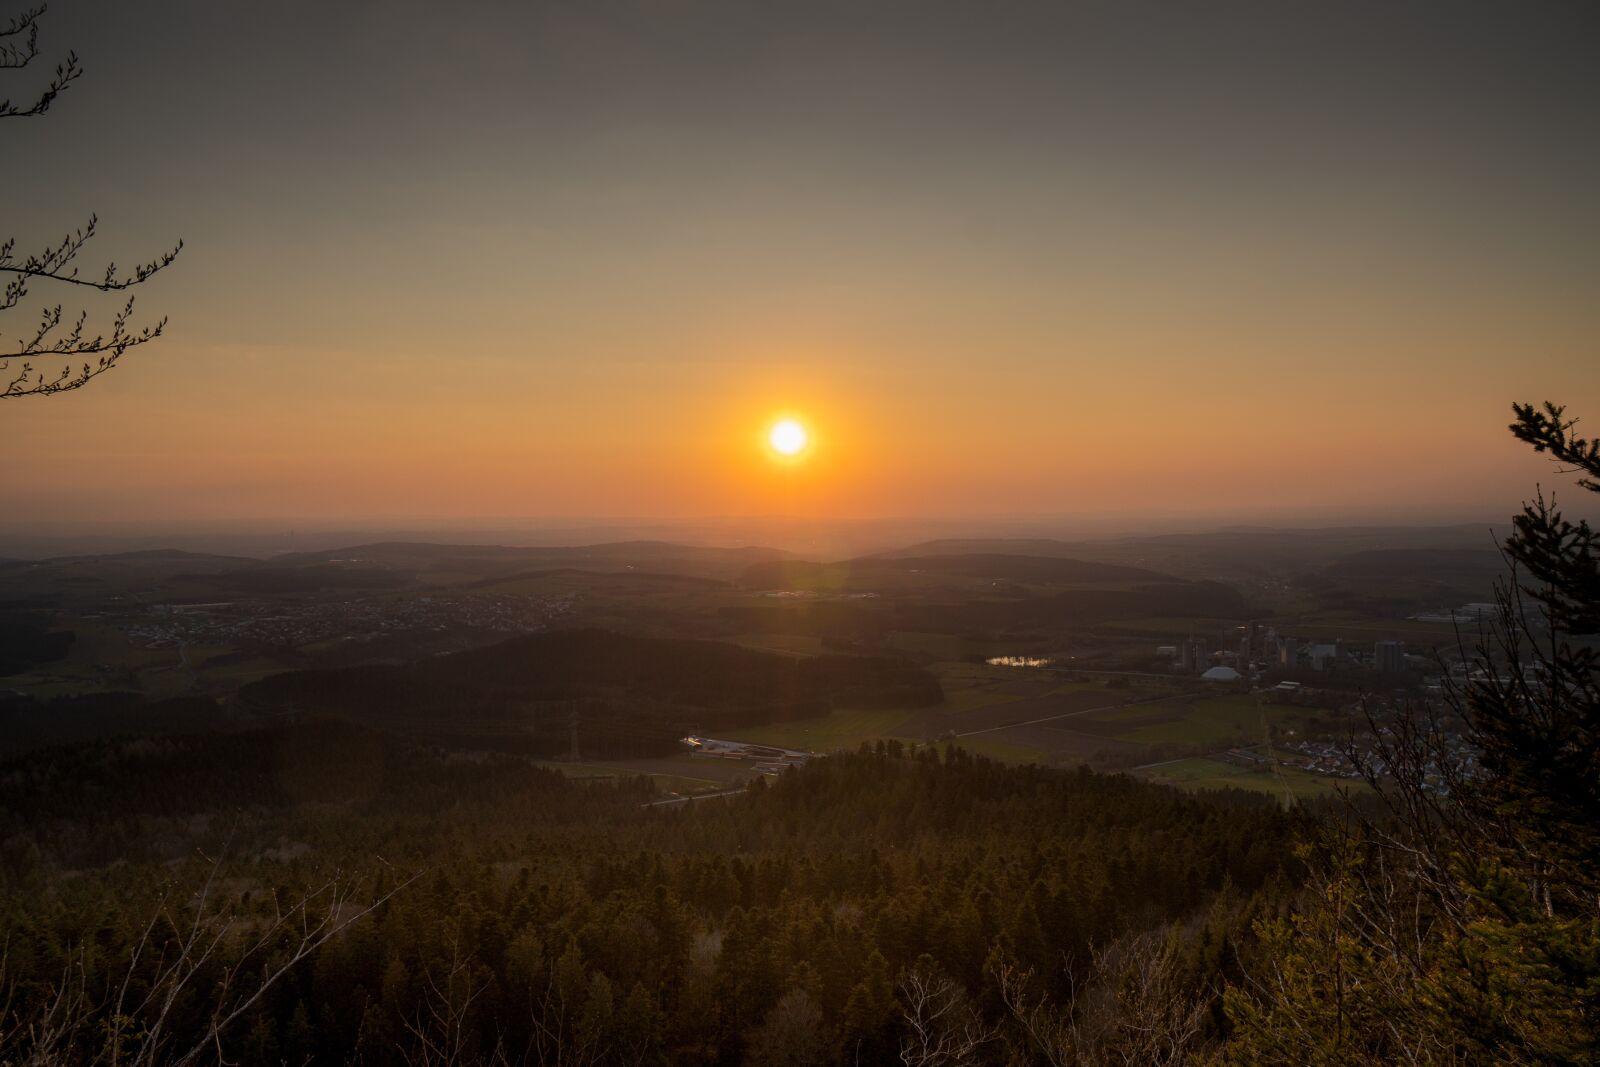 """Sony a6300 sample photo. """"Sun, sunset, landscape"""" photography"""